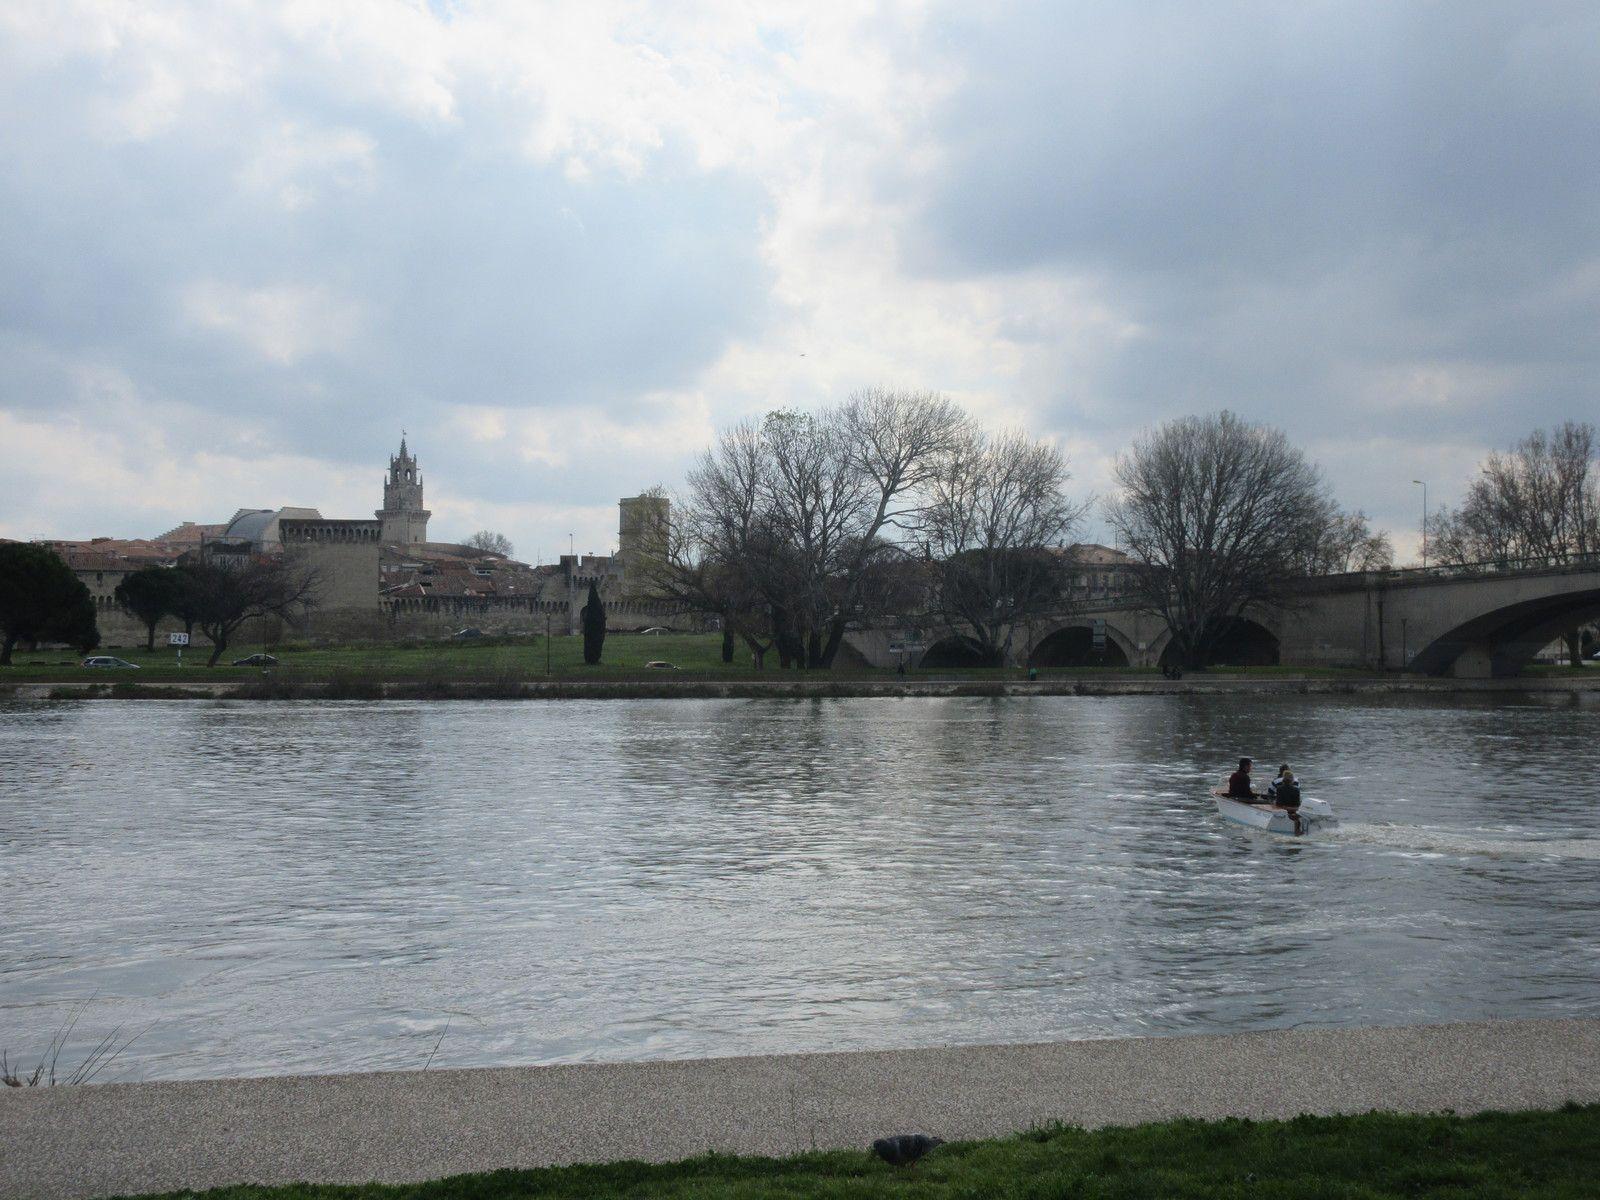 Dimanche 15 MARS 2020 sur l'île de la Barthelasse à Avignon, sous un ciel gris pour décor, quelques AUTOS et MOTOS anciennes d'avant 1940